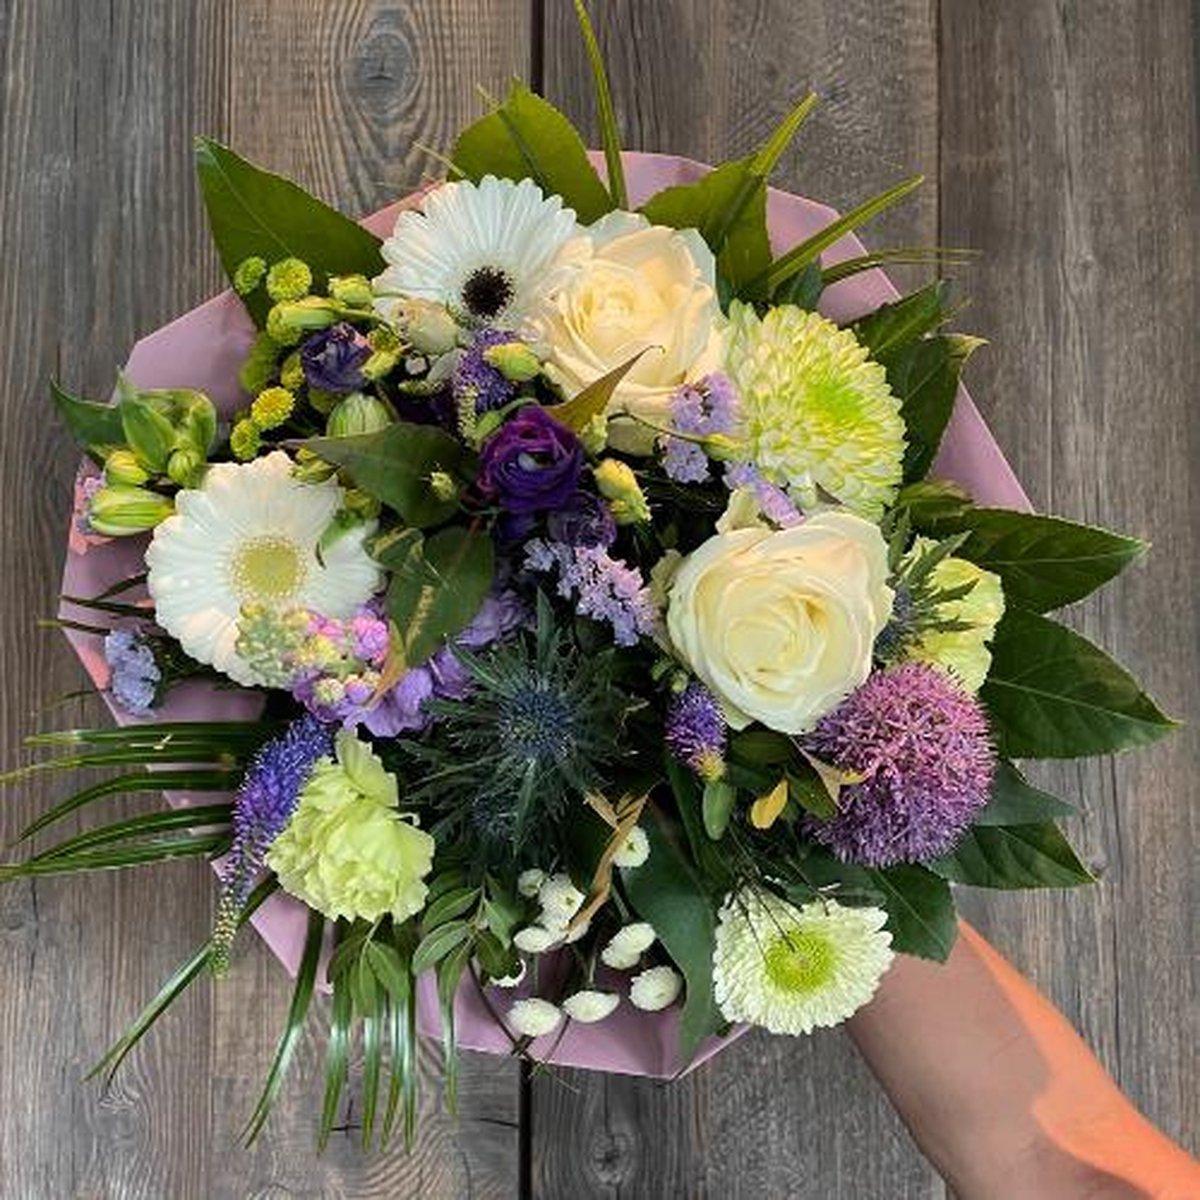 Provance large   Boeket bloemen   Boeket   Boeket bloemen bezorgen   BloomitUp